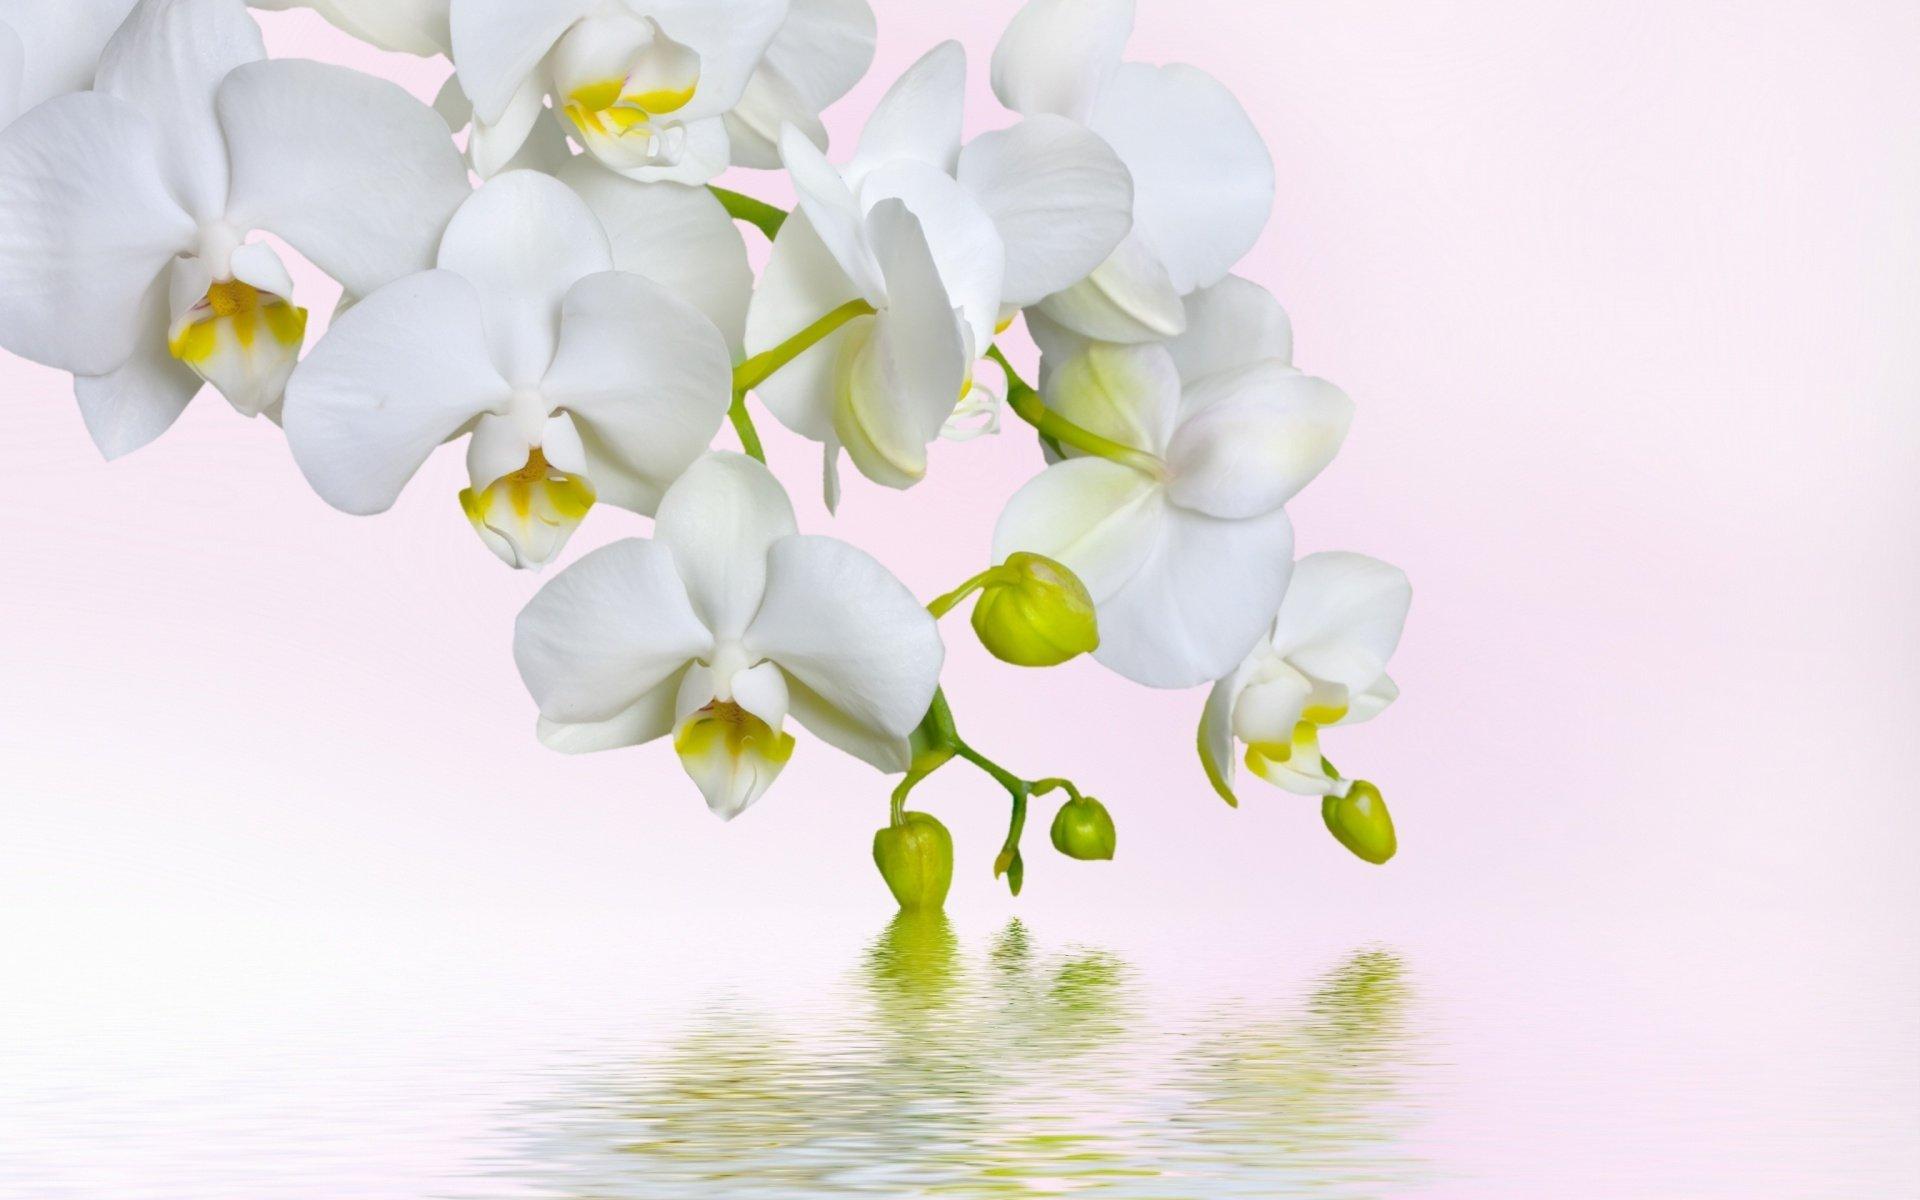 Ảnh nền hoa lan trắng đẹp